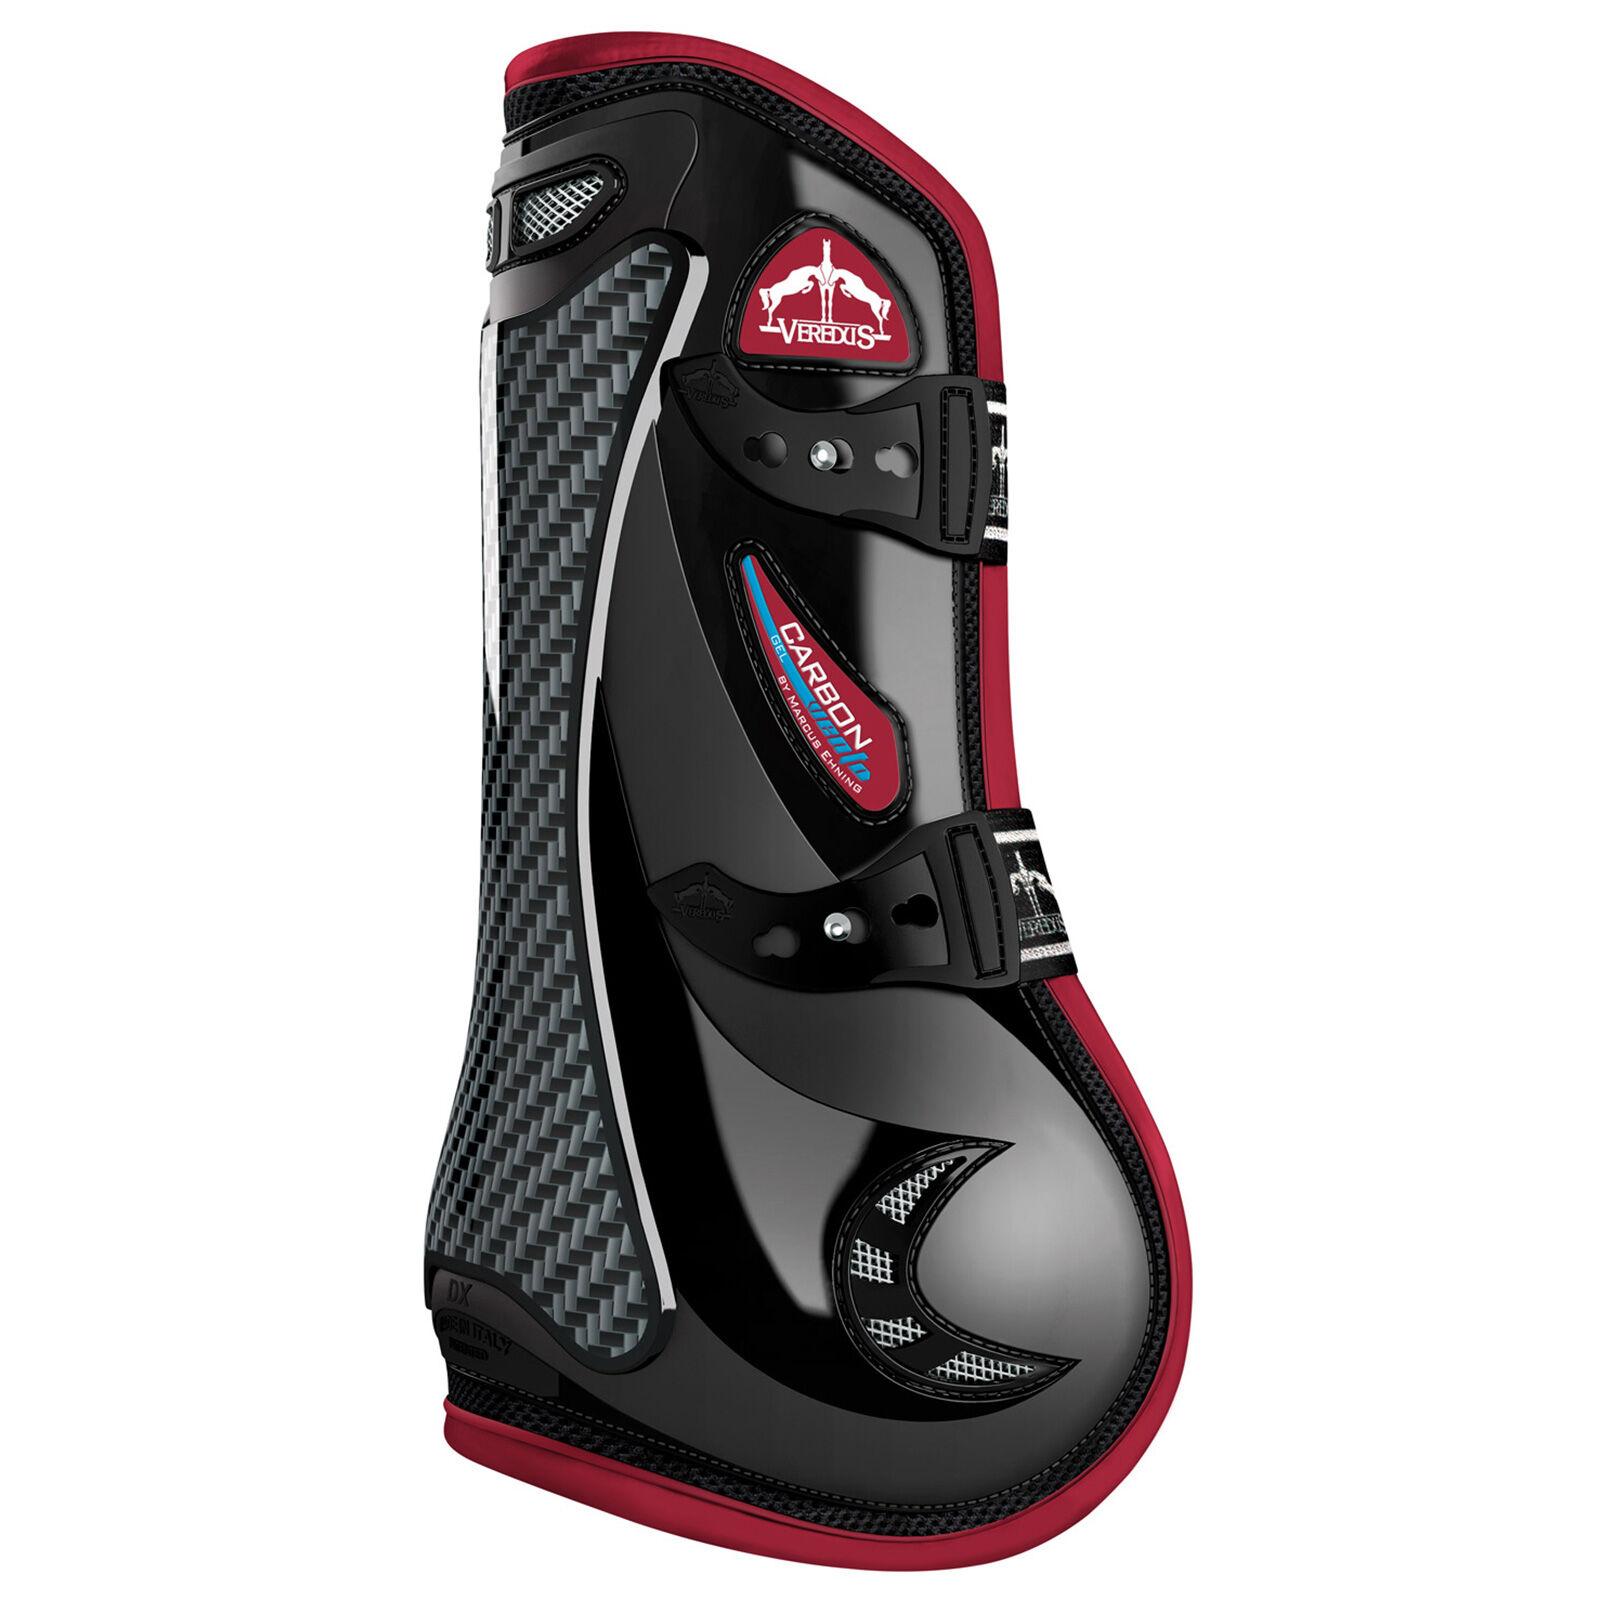 Black Pferde-Gamaschen Pferdeausstattung & Zubehör Veredus Carbon Gel Vento Front Tendon Boots